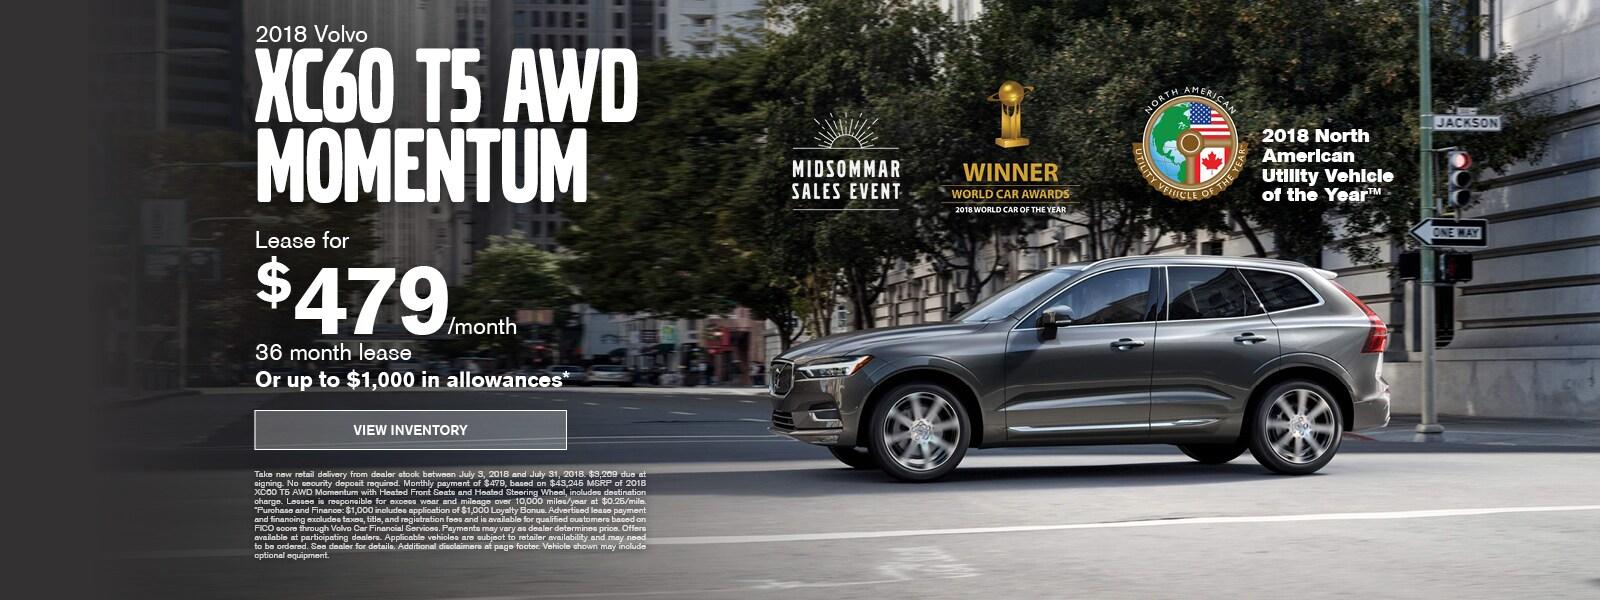 New and Pre-Owned Volvo dealership in Billings | Underriner Volvo